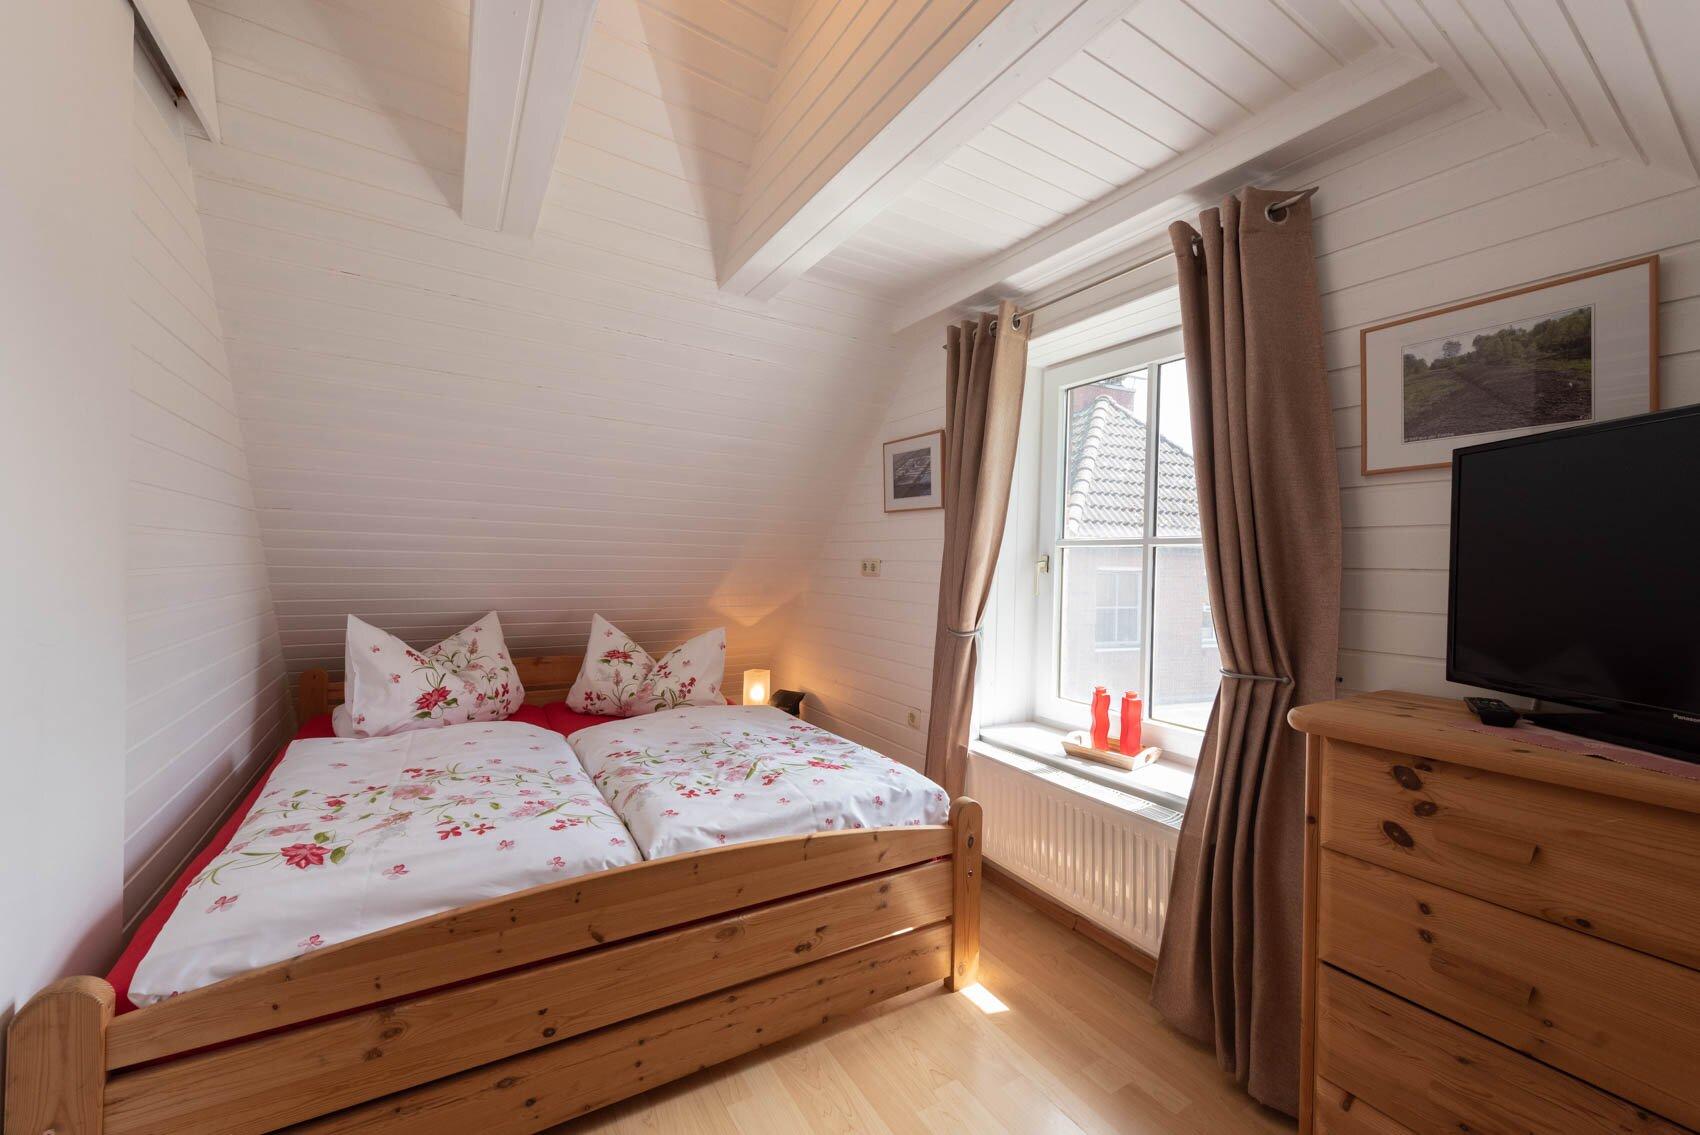 Schlafzimmer mit Doppelbett 1,60 x 2,00